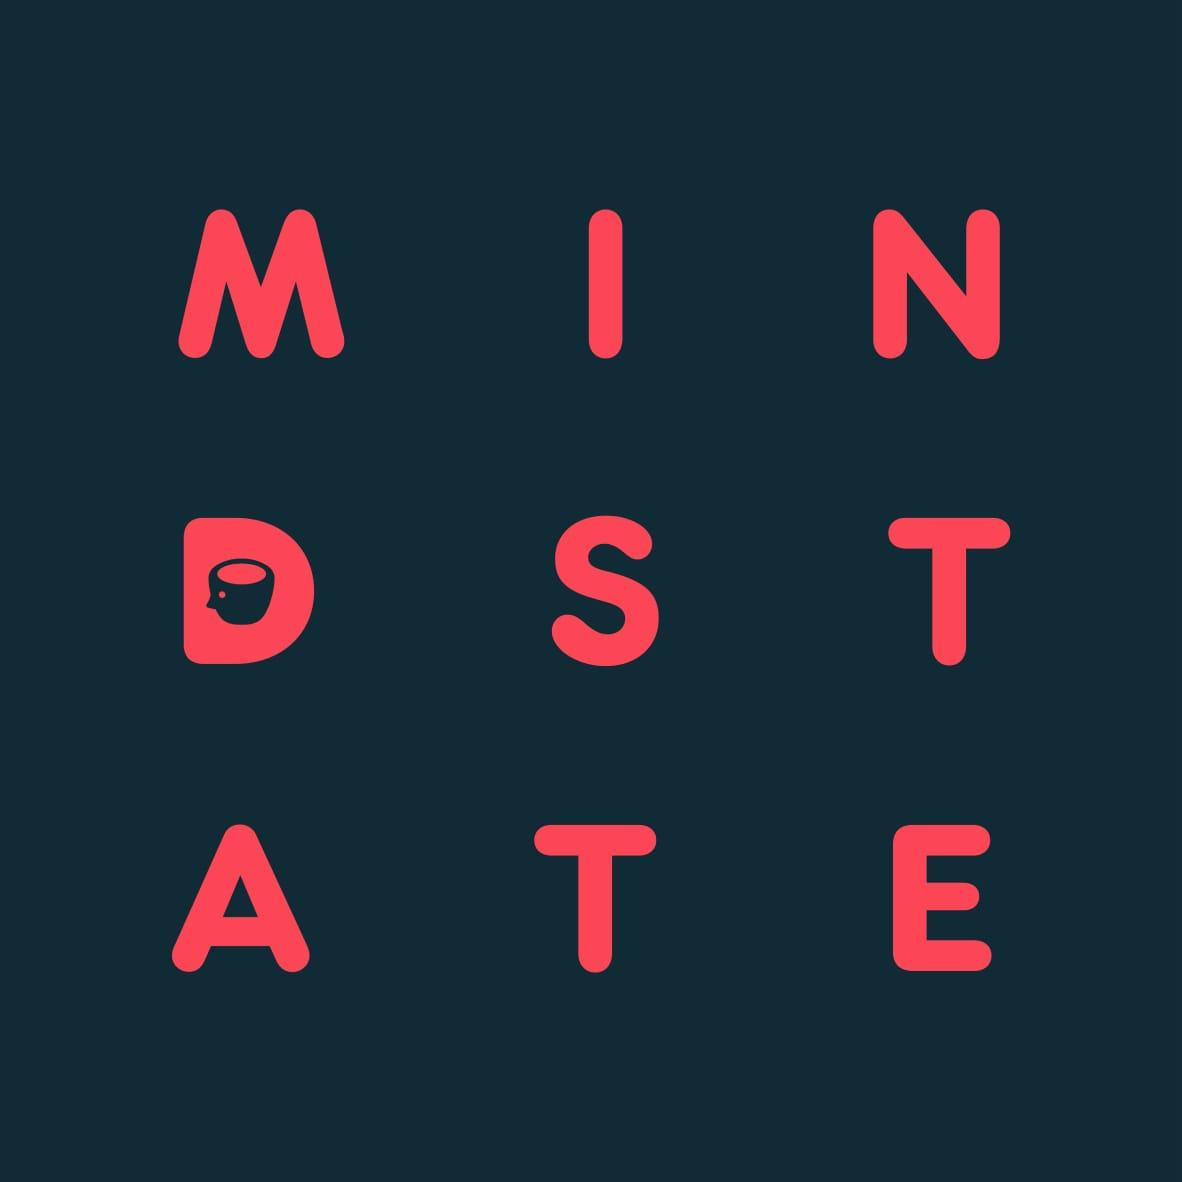 Mind State album cover artwork.